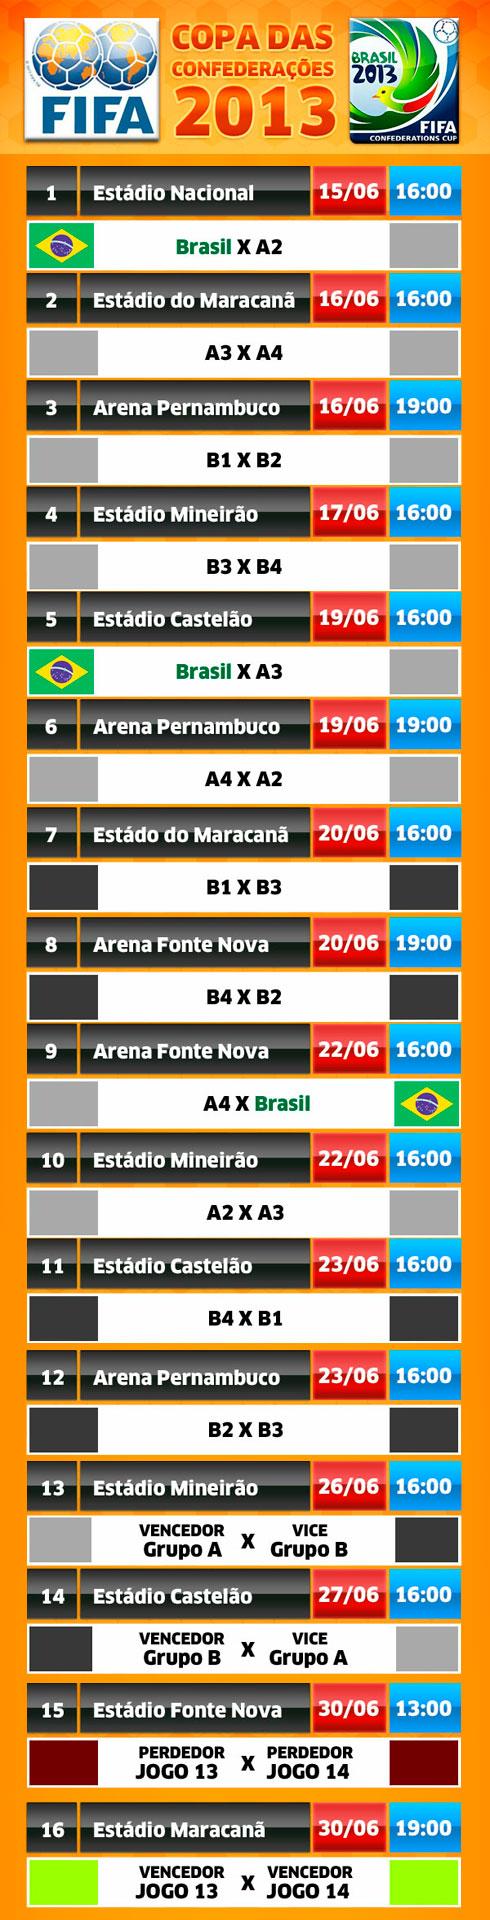 Tabela Jogos Copa das Confederações 2013